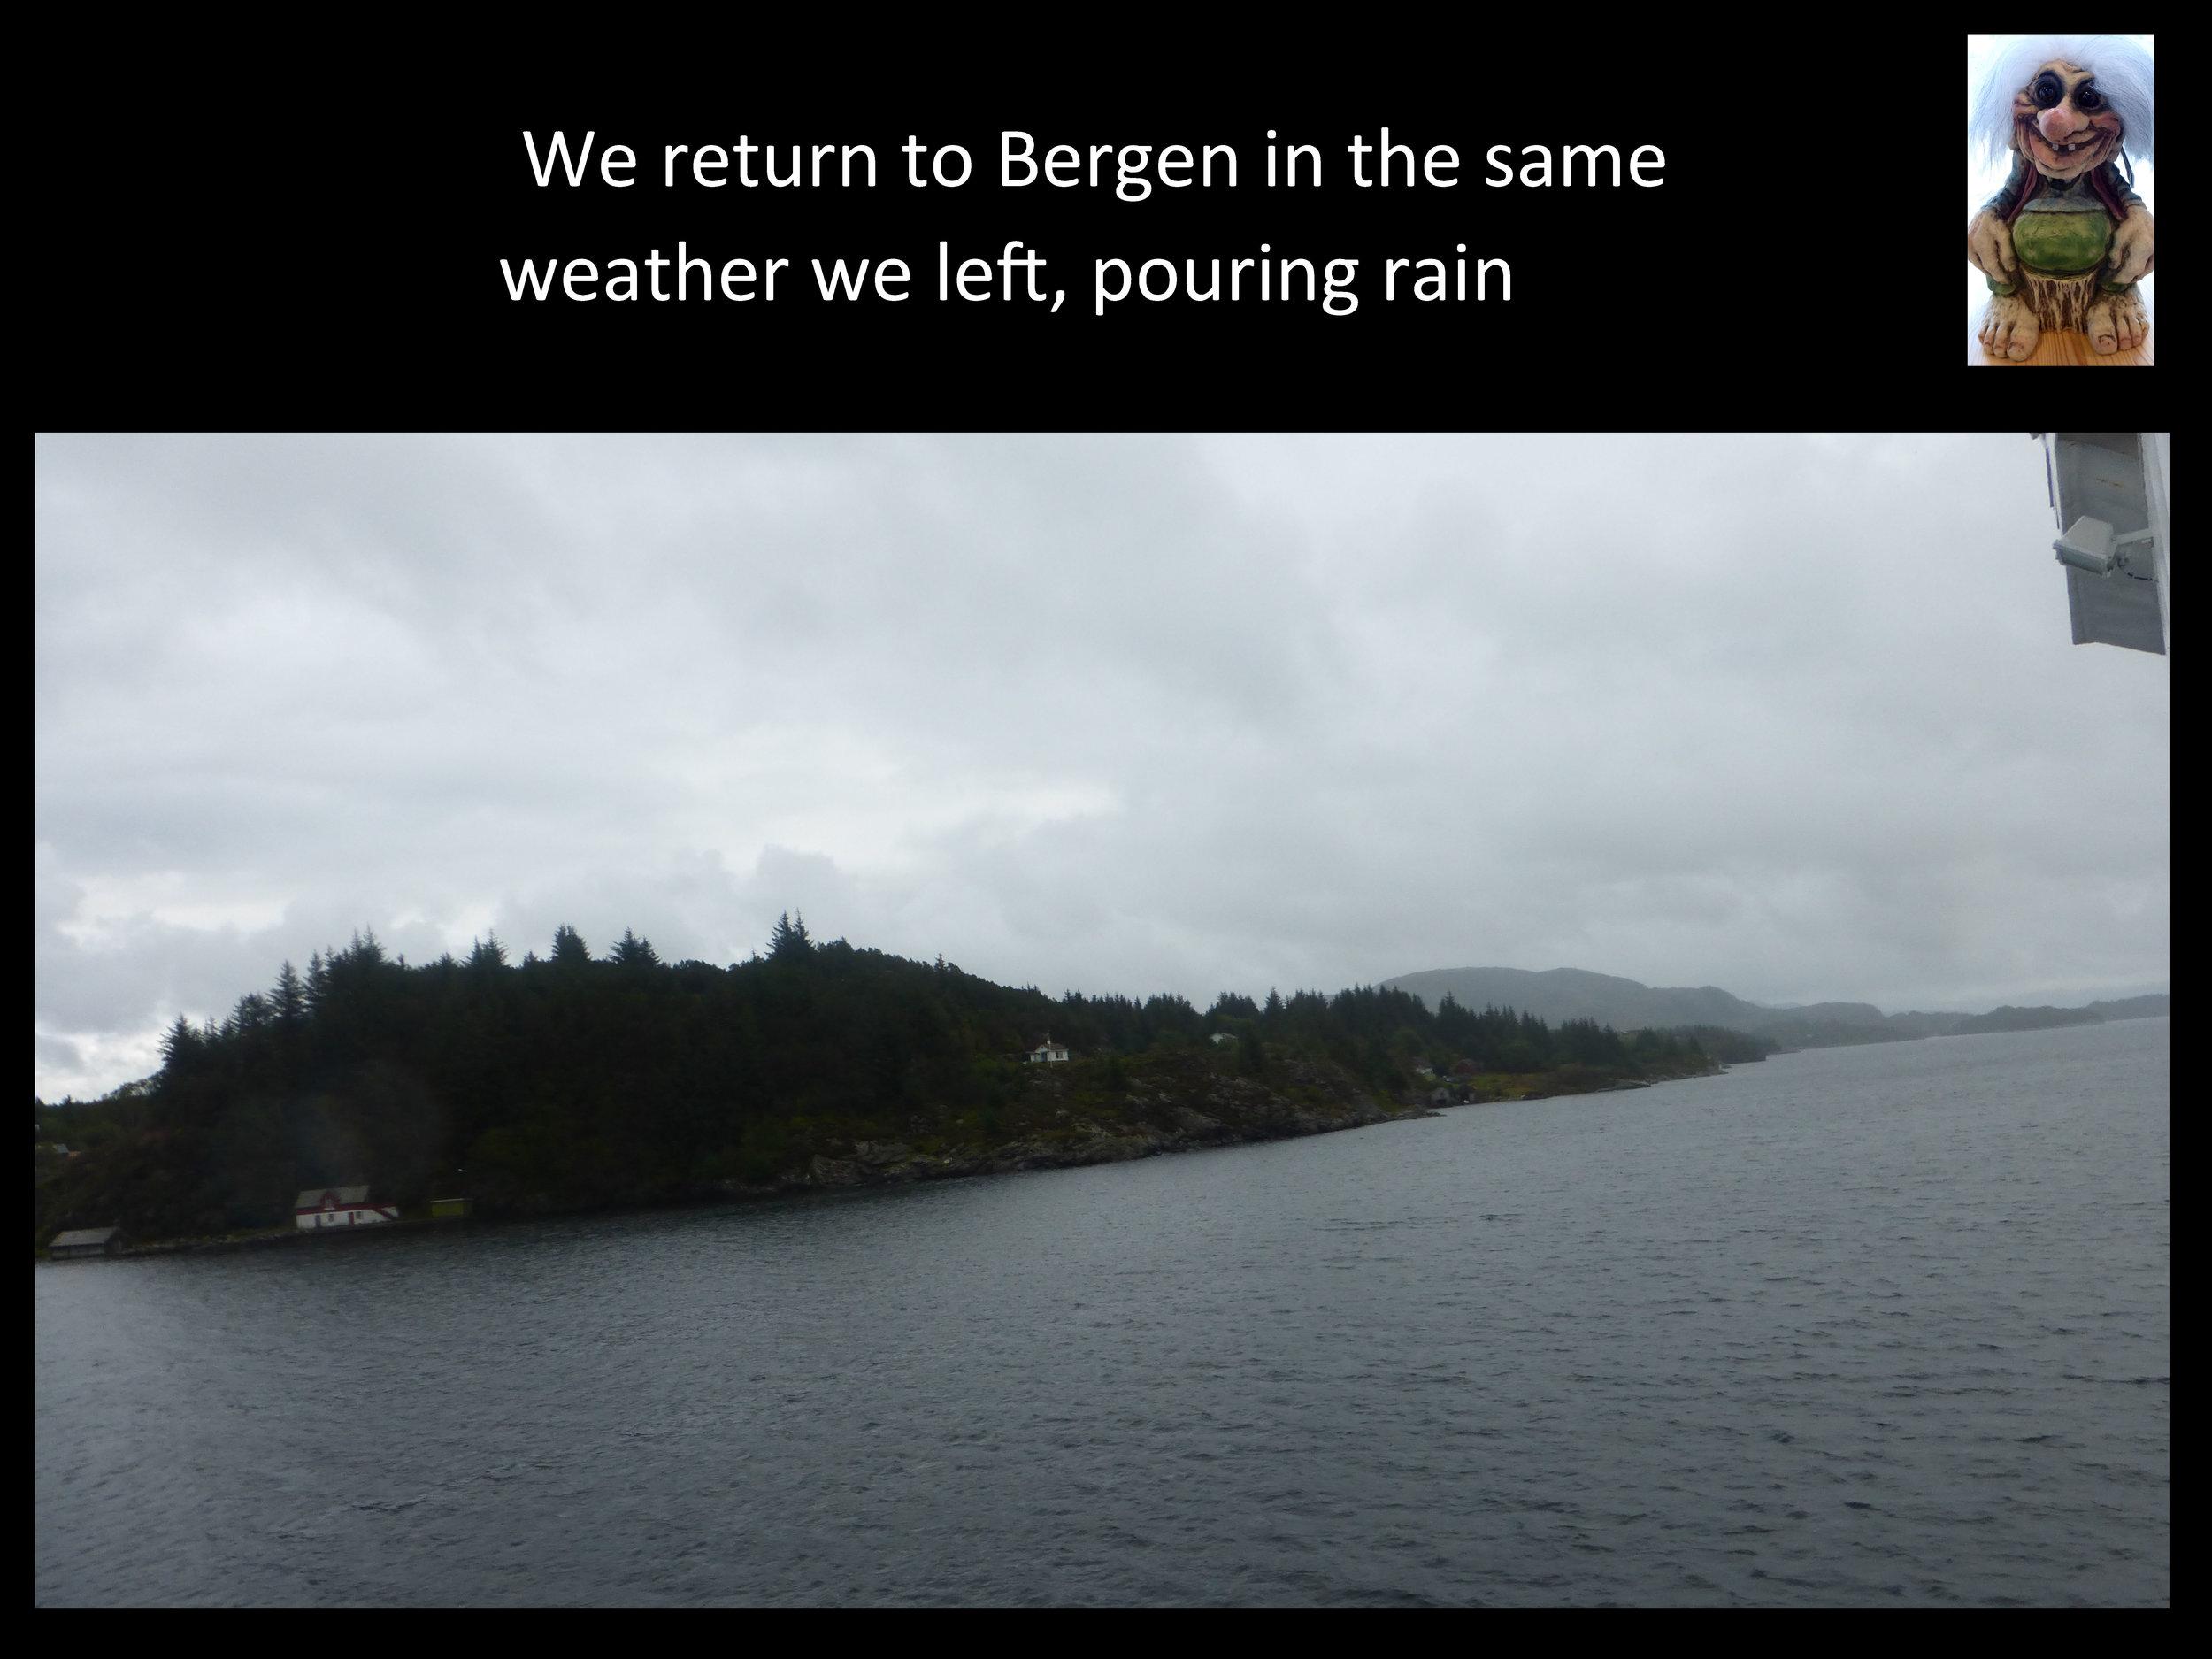 Norway_Page_50.jpg